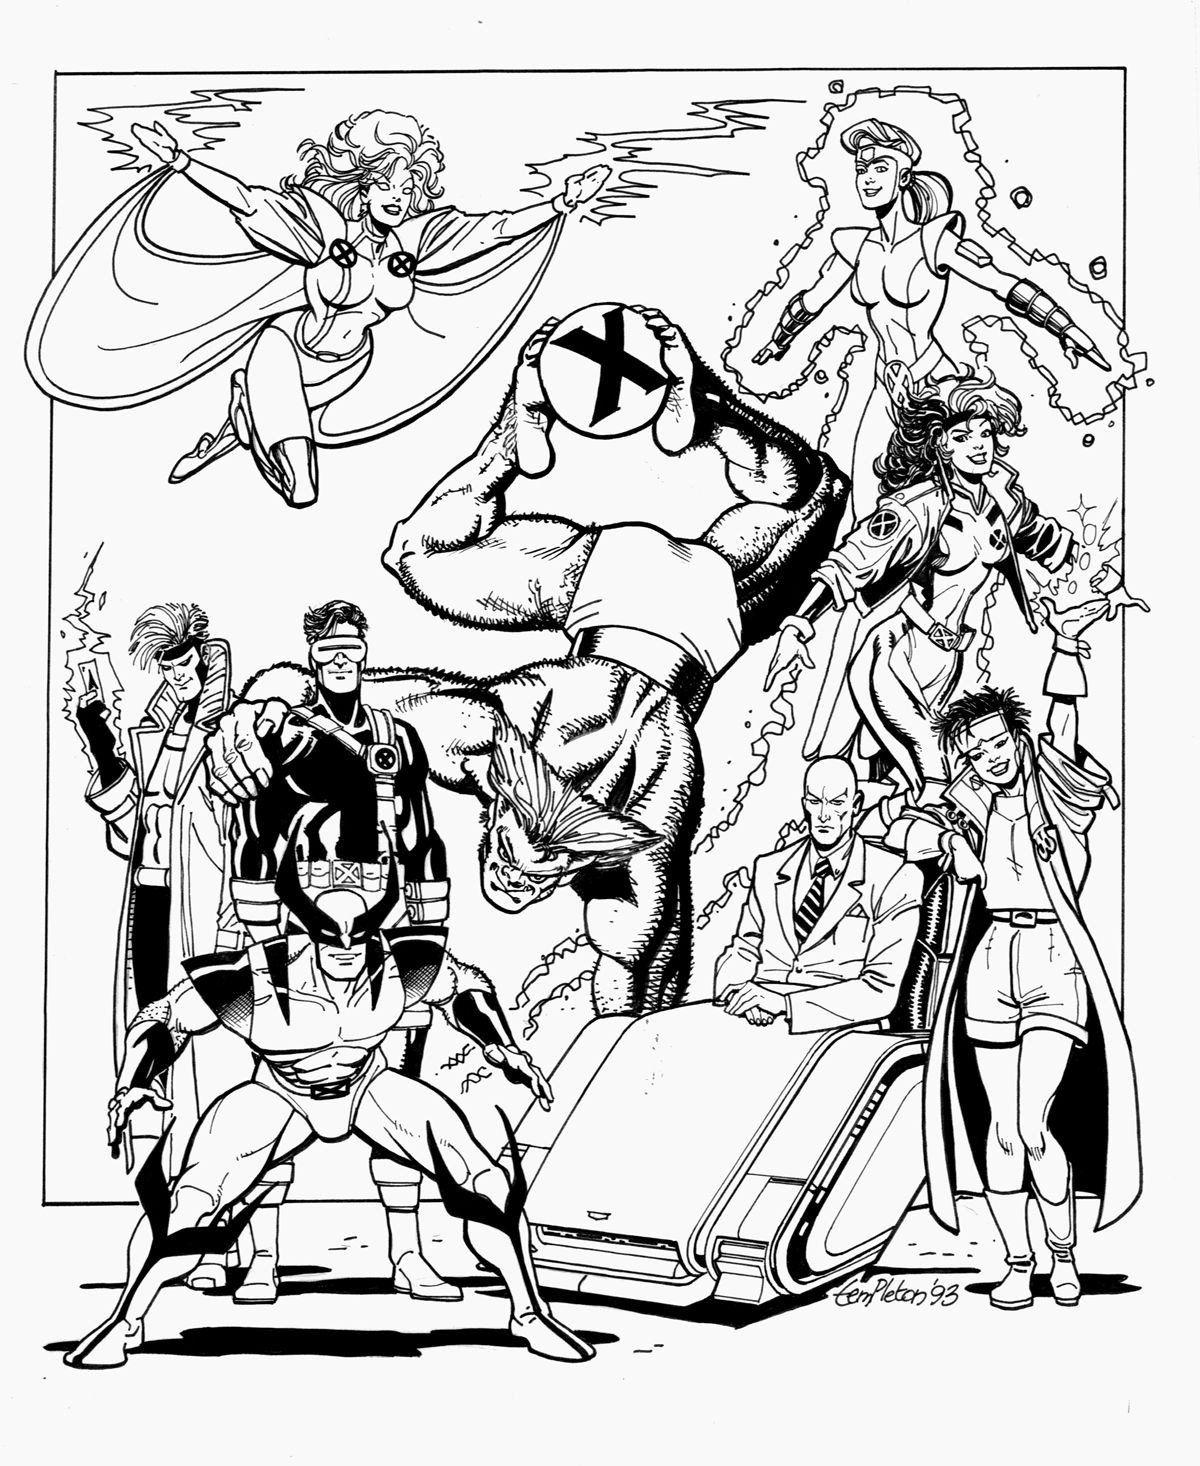 X Men Coloring Pages X Men Superheroes Books And Ics Coloring Pages For In 2020 Superhero Coloring Superhero Coloring Pages Cartoon Coloring Pages